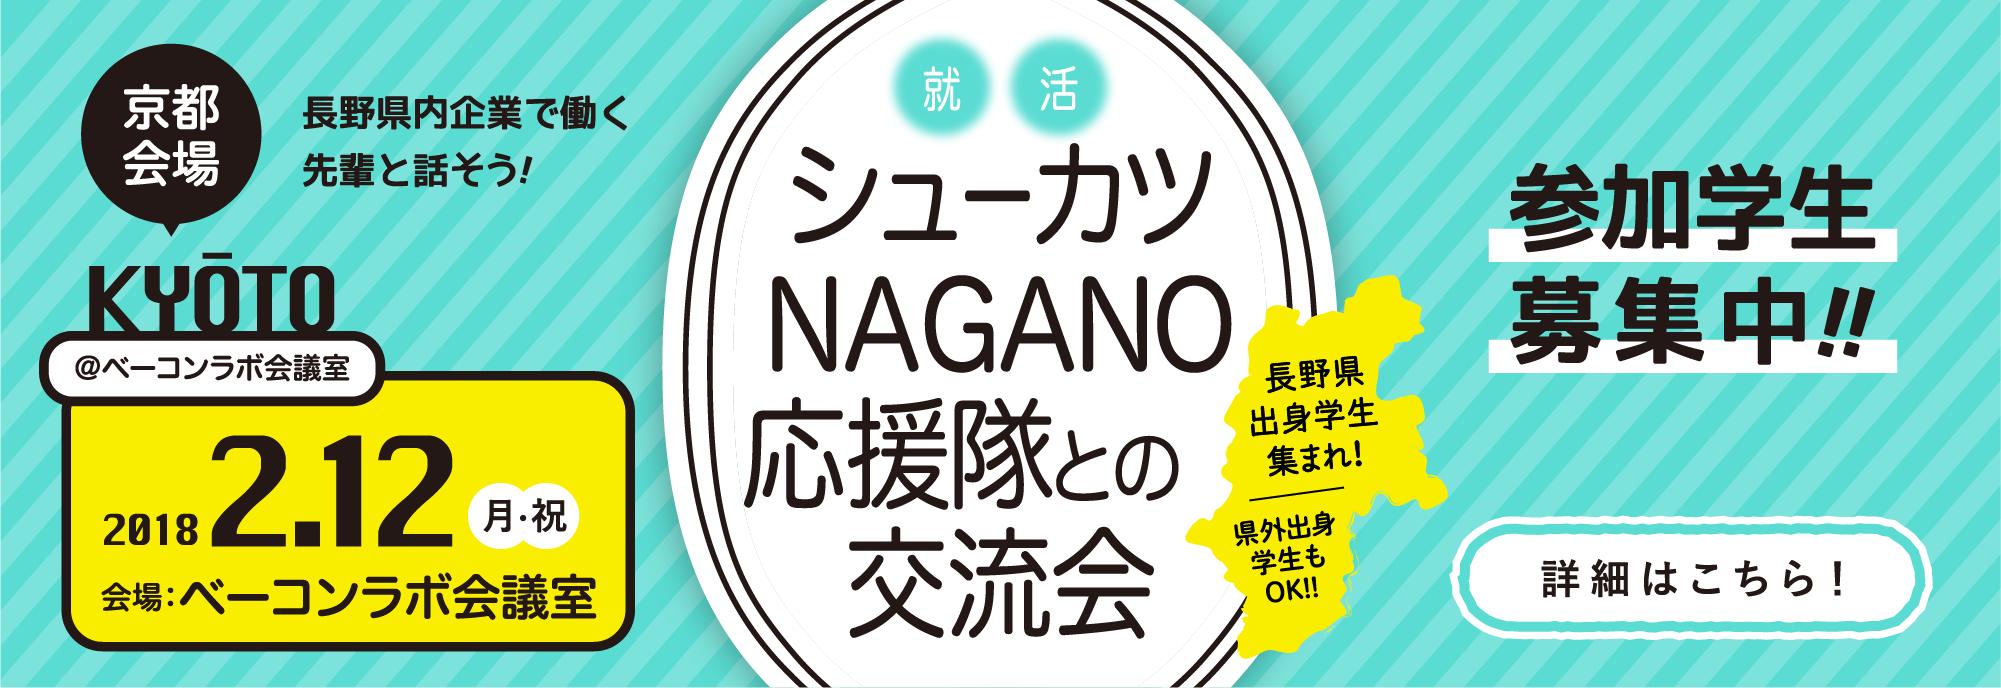 シューカツNAGANO応援隊との交流会in 京都